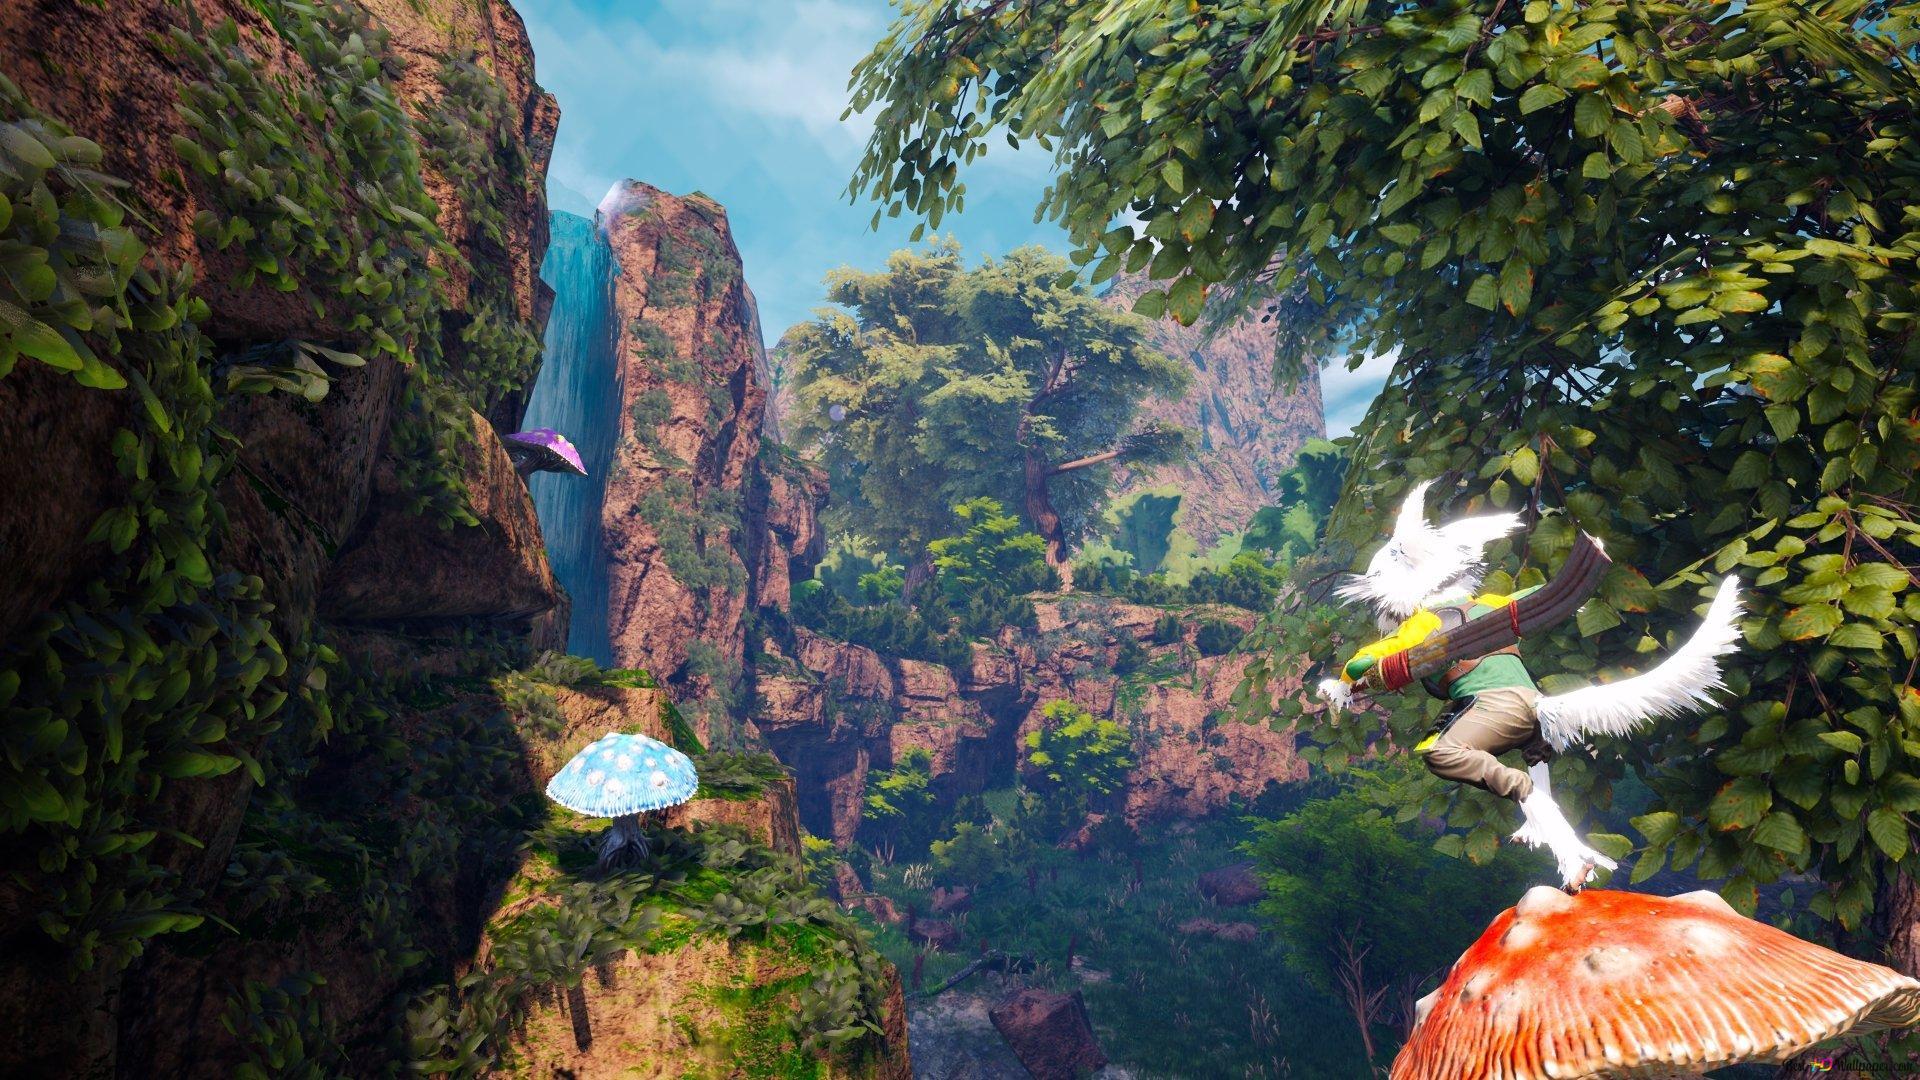 Biomutant Wasserfall Und Natur Hd Hintergrundbilder